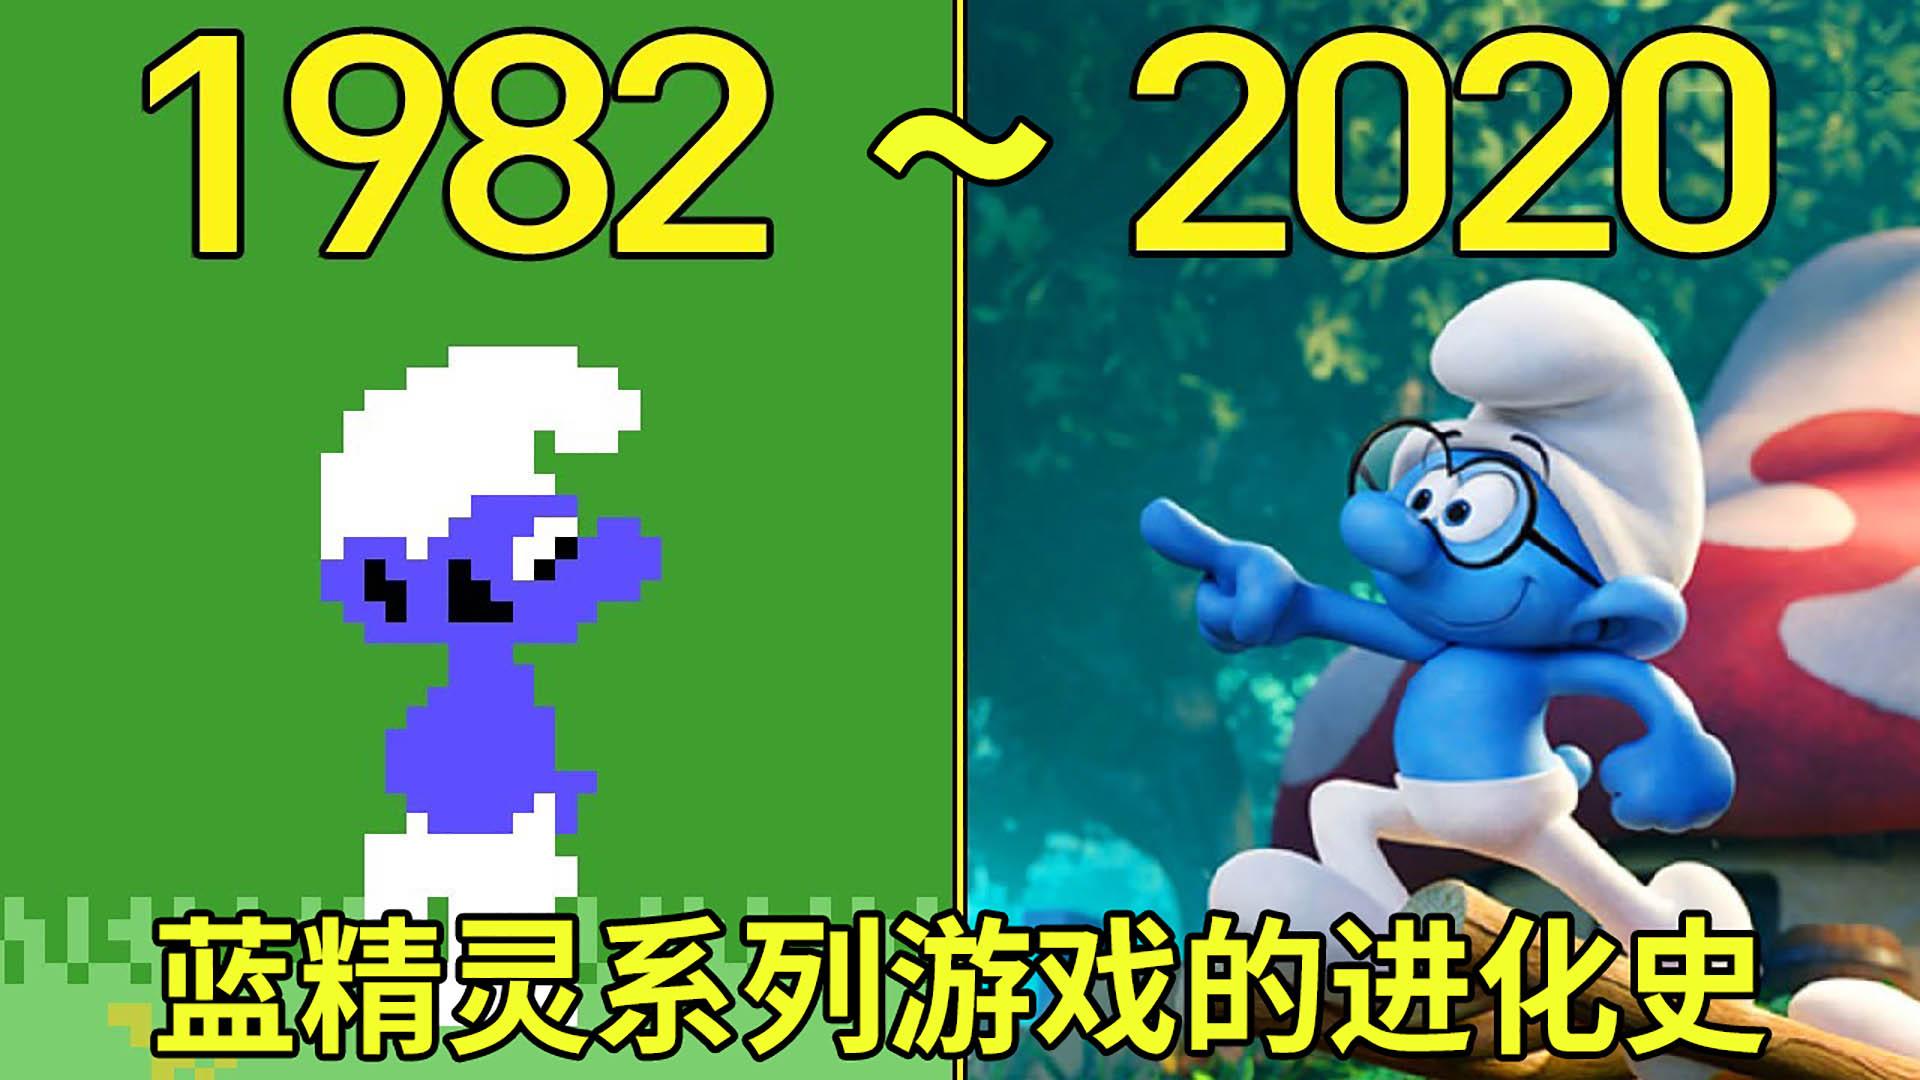 1982—2020年:童年经典,蓝精灵系列游戏的进化史!